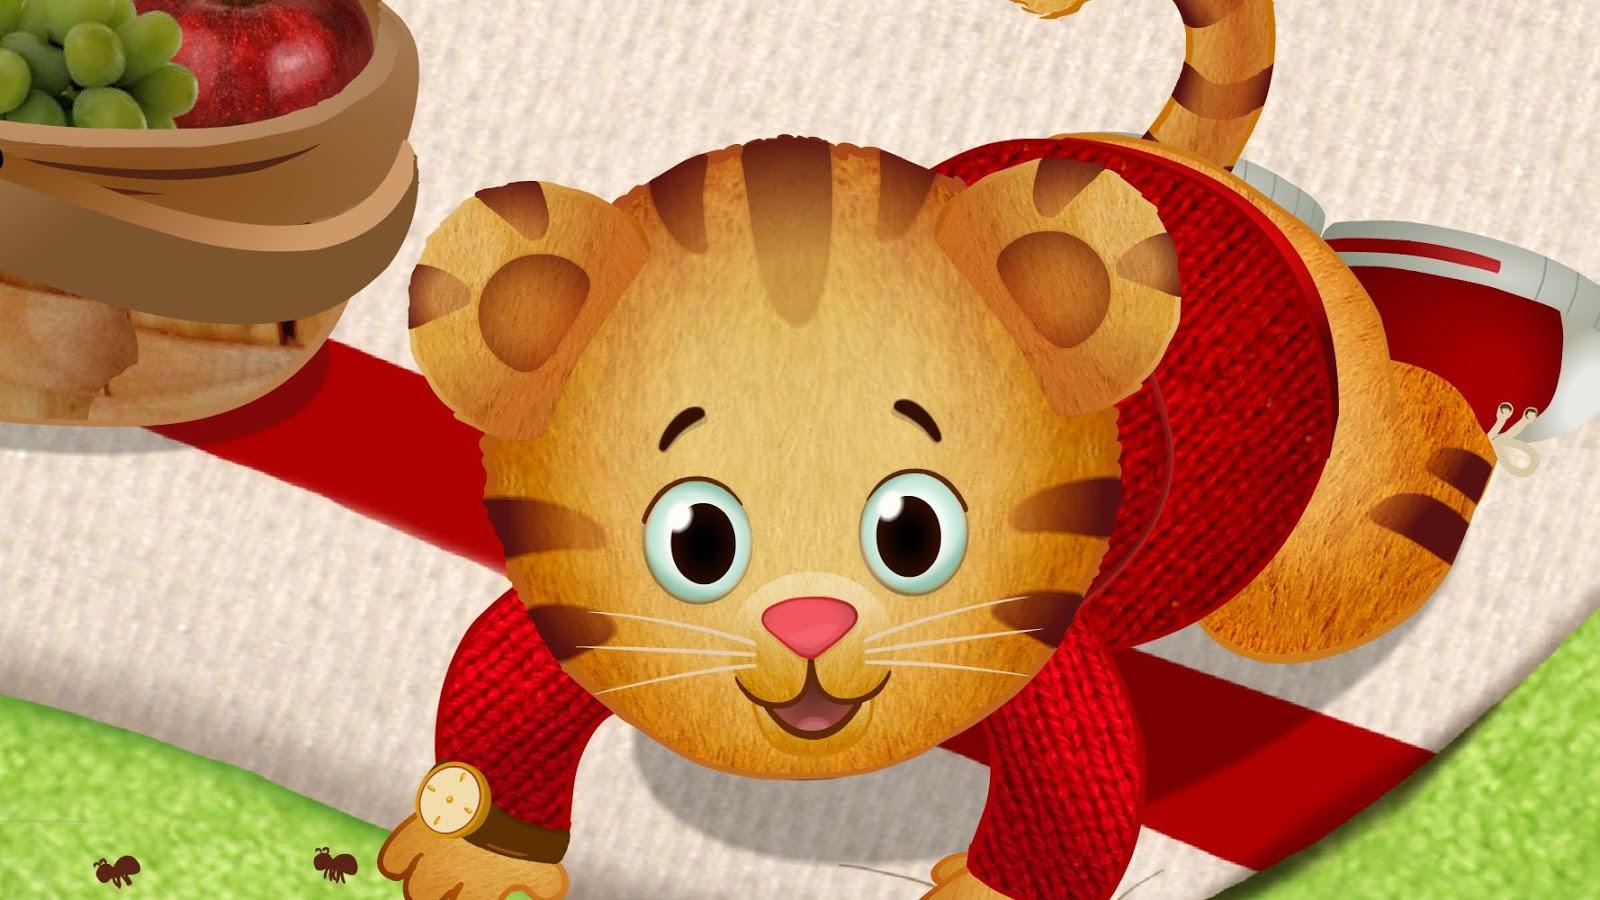 Mirá las mejores imágenes de Daniel Tigre, serie de Disney ...